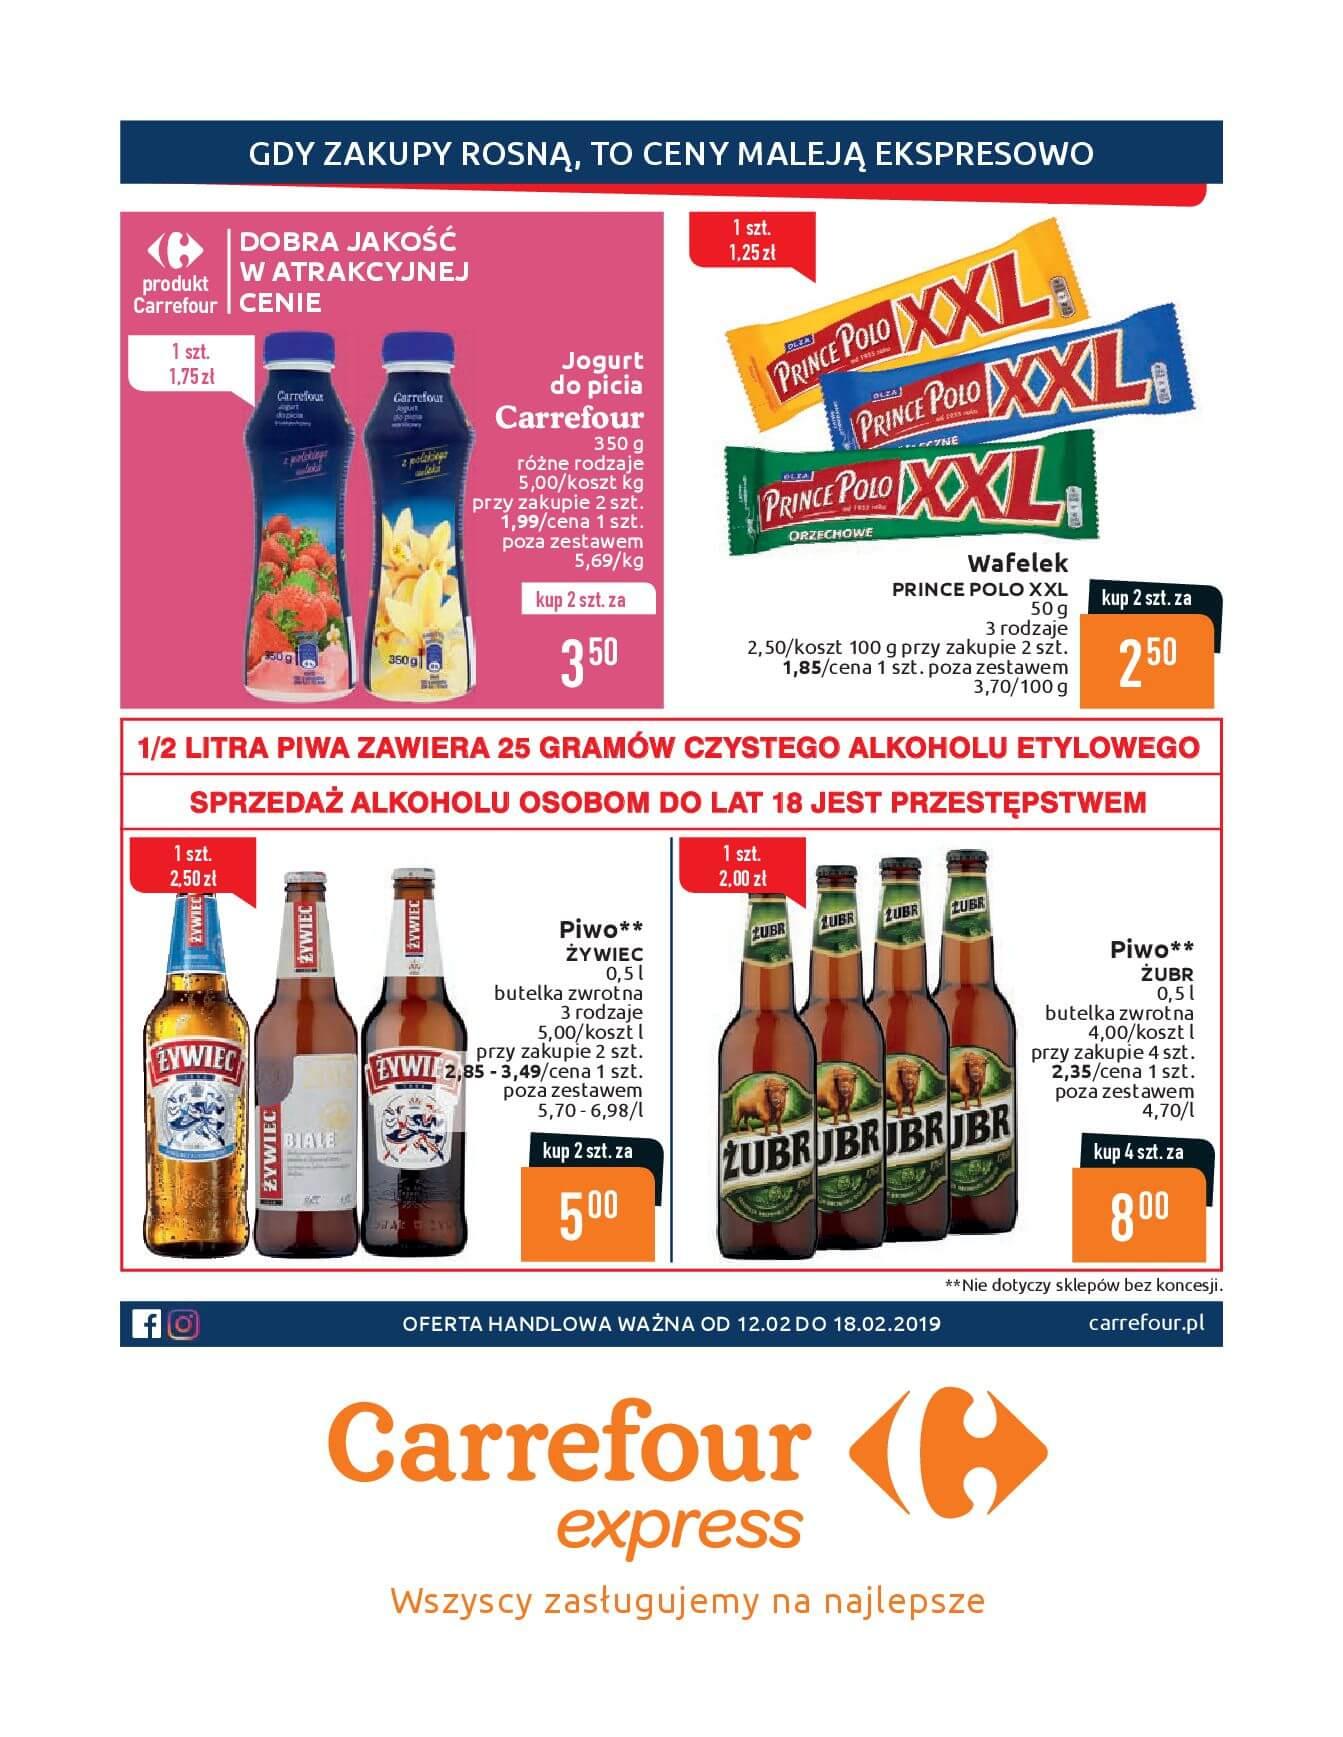 Gazetka Carrefour Express - Gdy zakupy rosną, to ceny maleją ekspresowo-11.02.2019-18.02.2019-page-